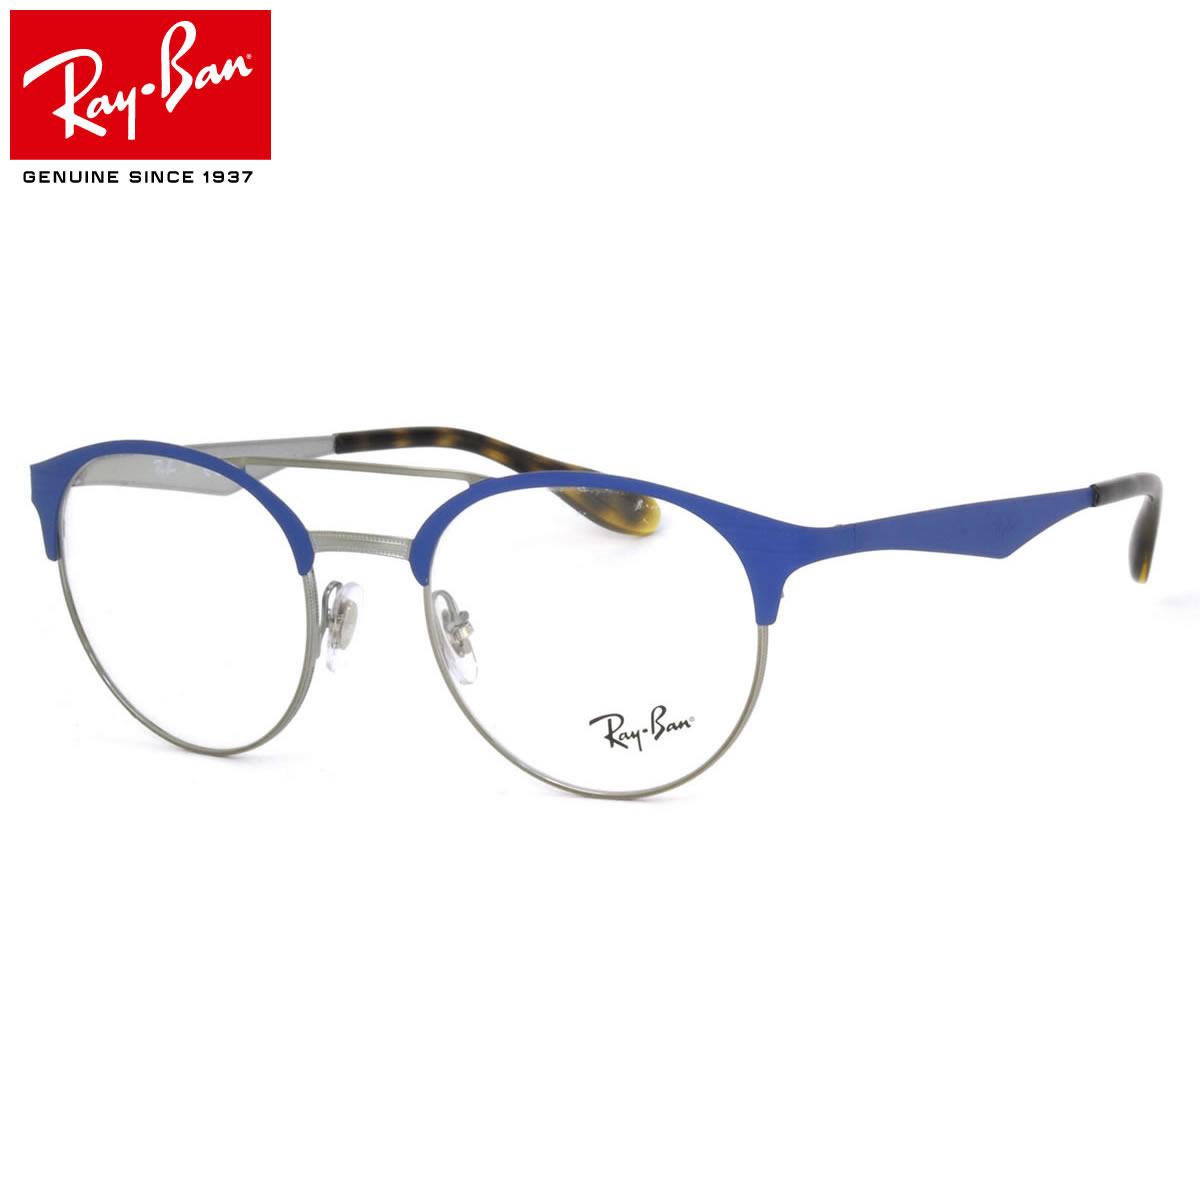 【10月30日からエントリーで全品ポイント20倍】レイバン メガネ フレーム Ray-Ban RX3545V 2911 49サイズ ボストン 丸メガネ フレーム ツーブリッジ マットカラー レイバン RAYBAN メンズ レディース